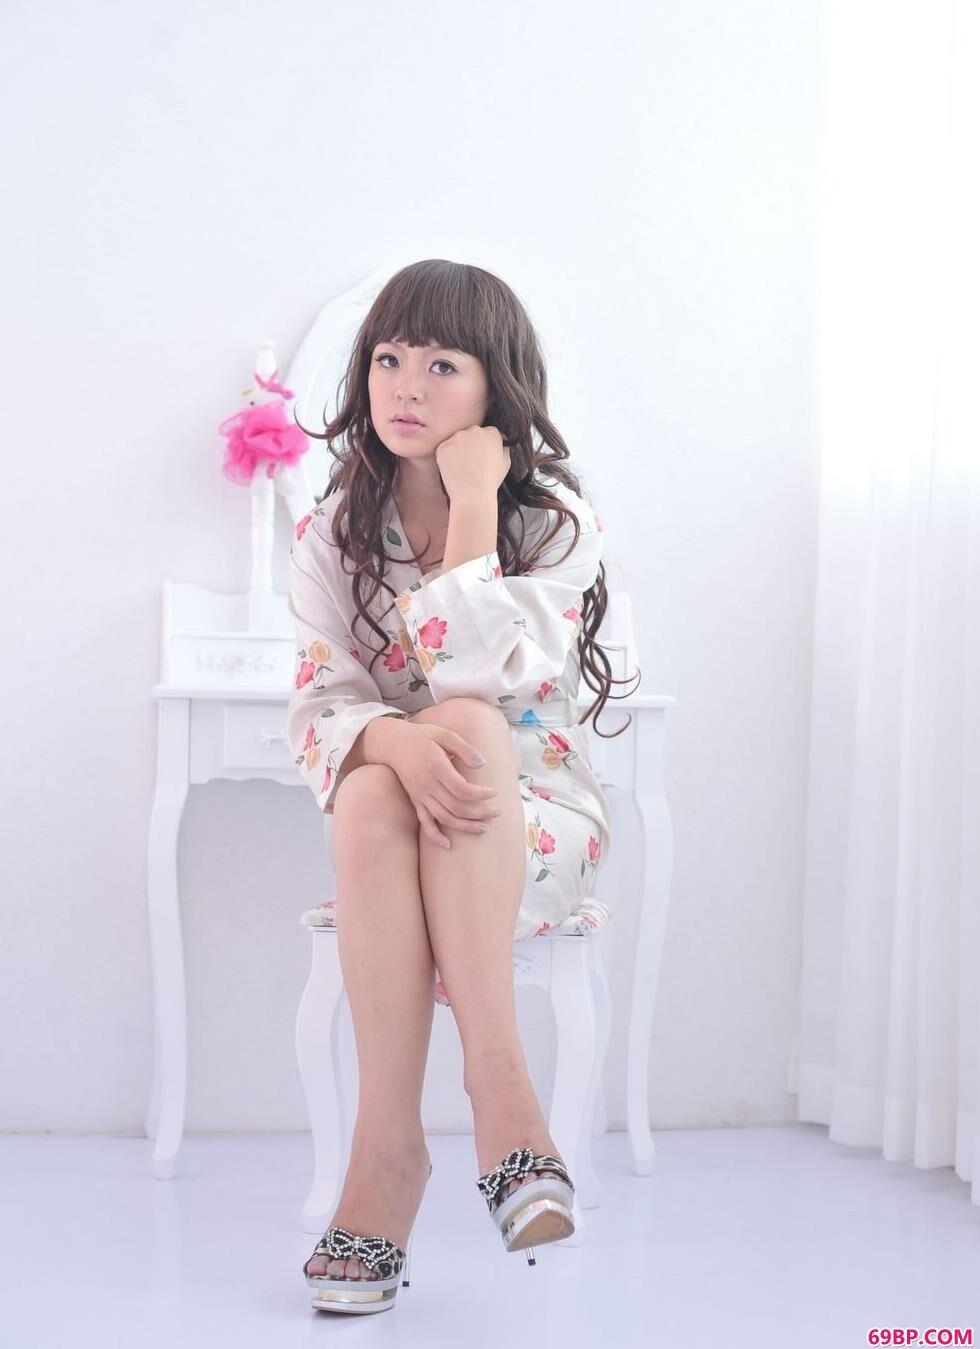 gogo黄美姬人体写真,嫩模苏茜梳妆镜前的粉色诱惑美体